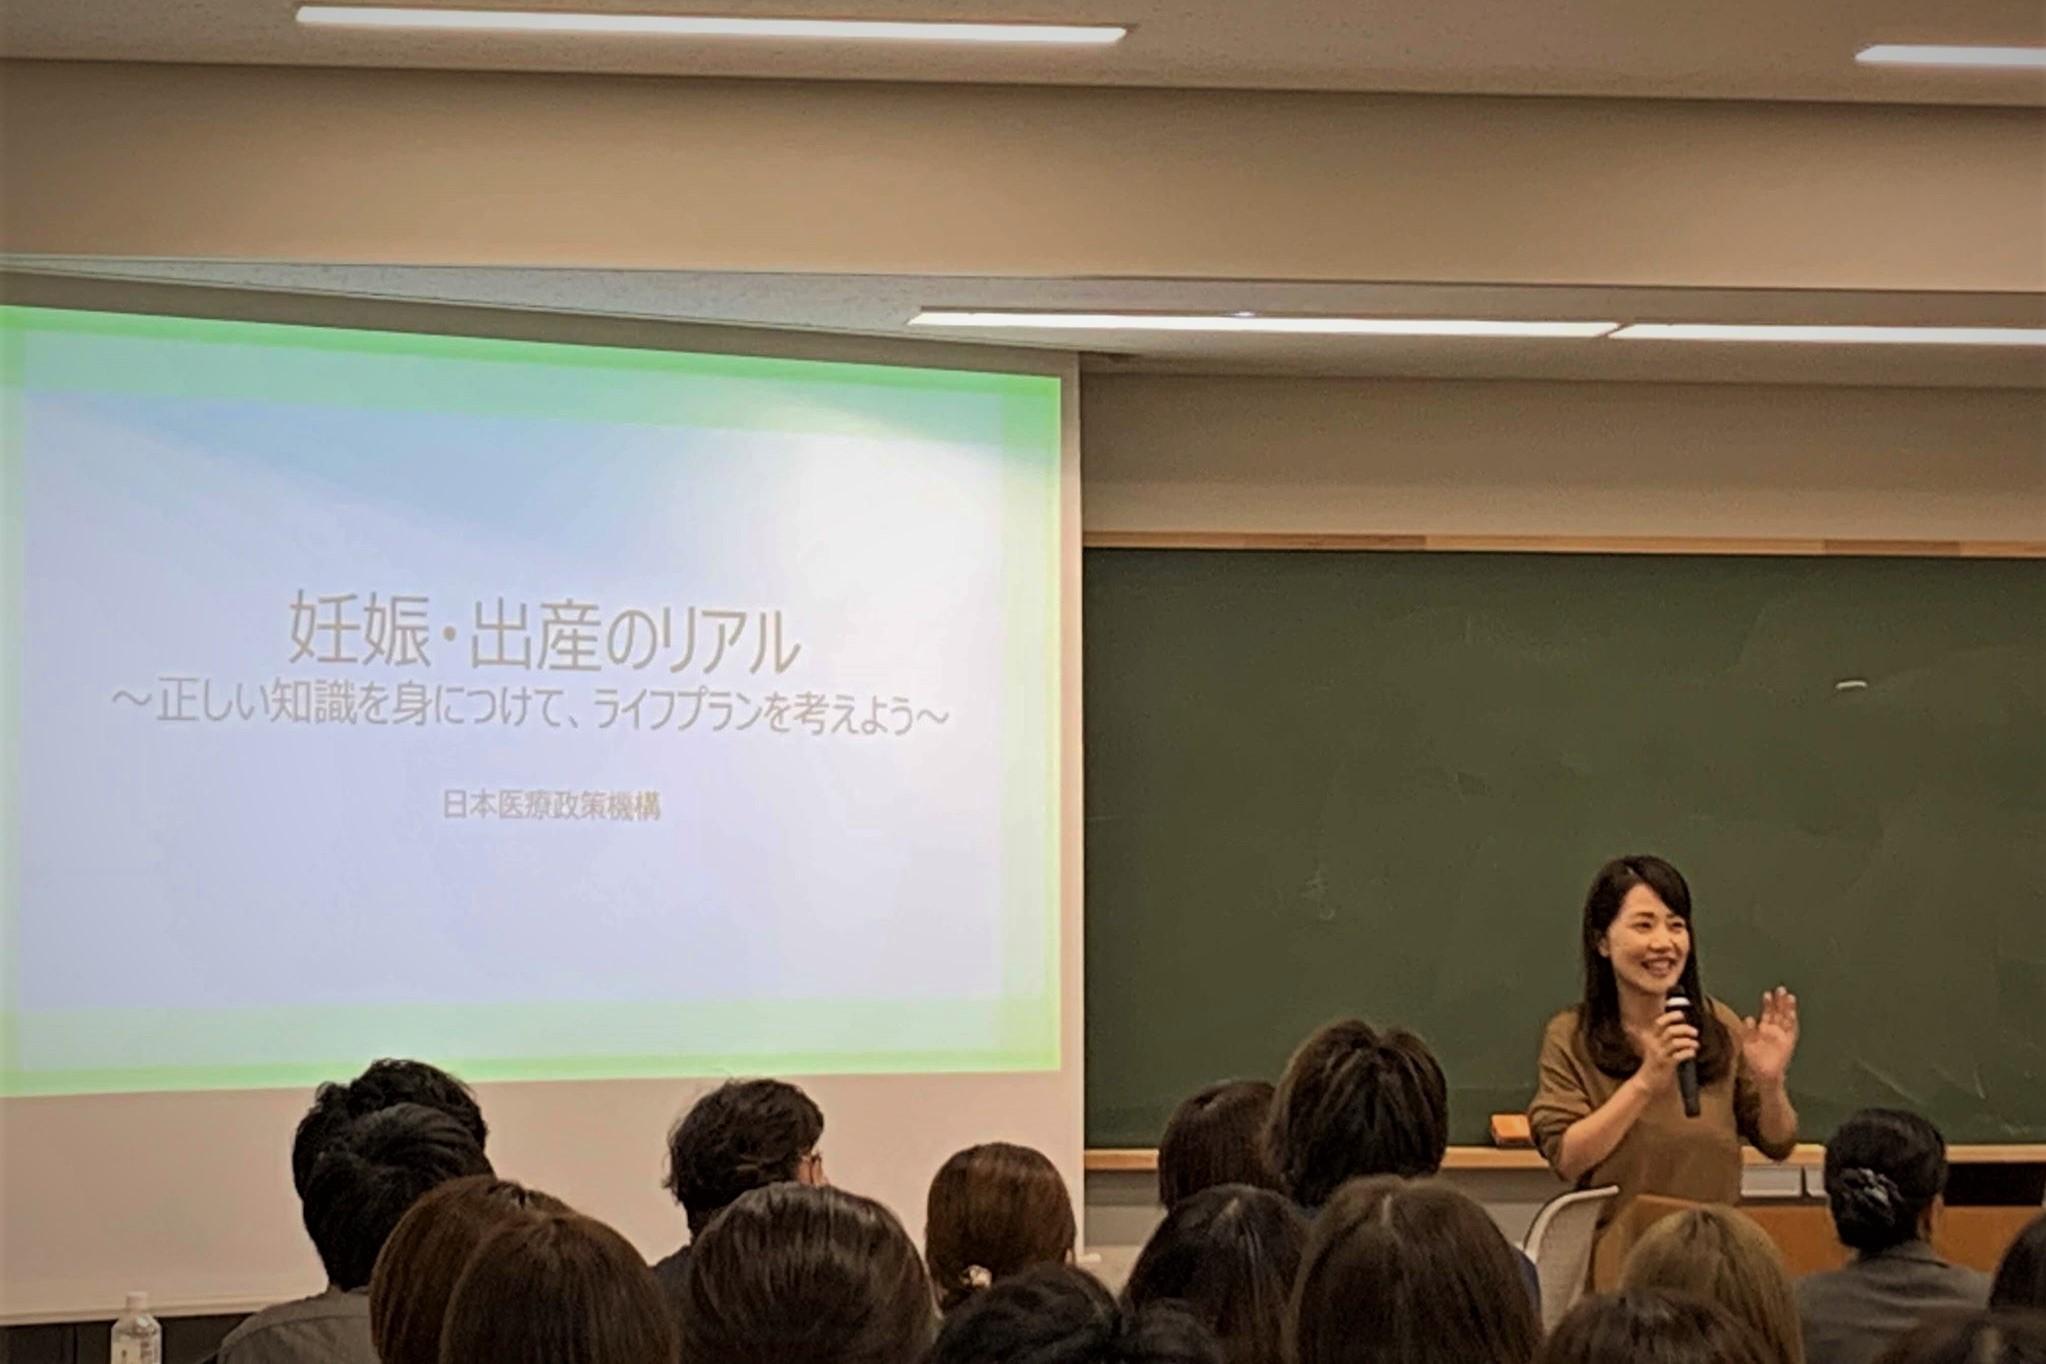 【講演報告】大学生のための健康教育(2019年10月)